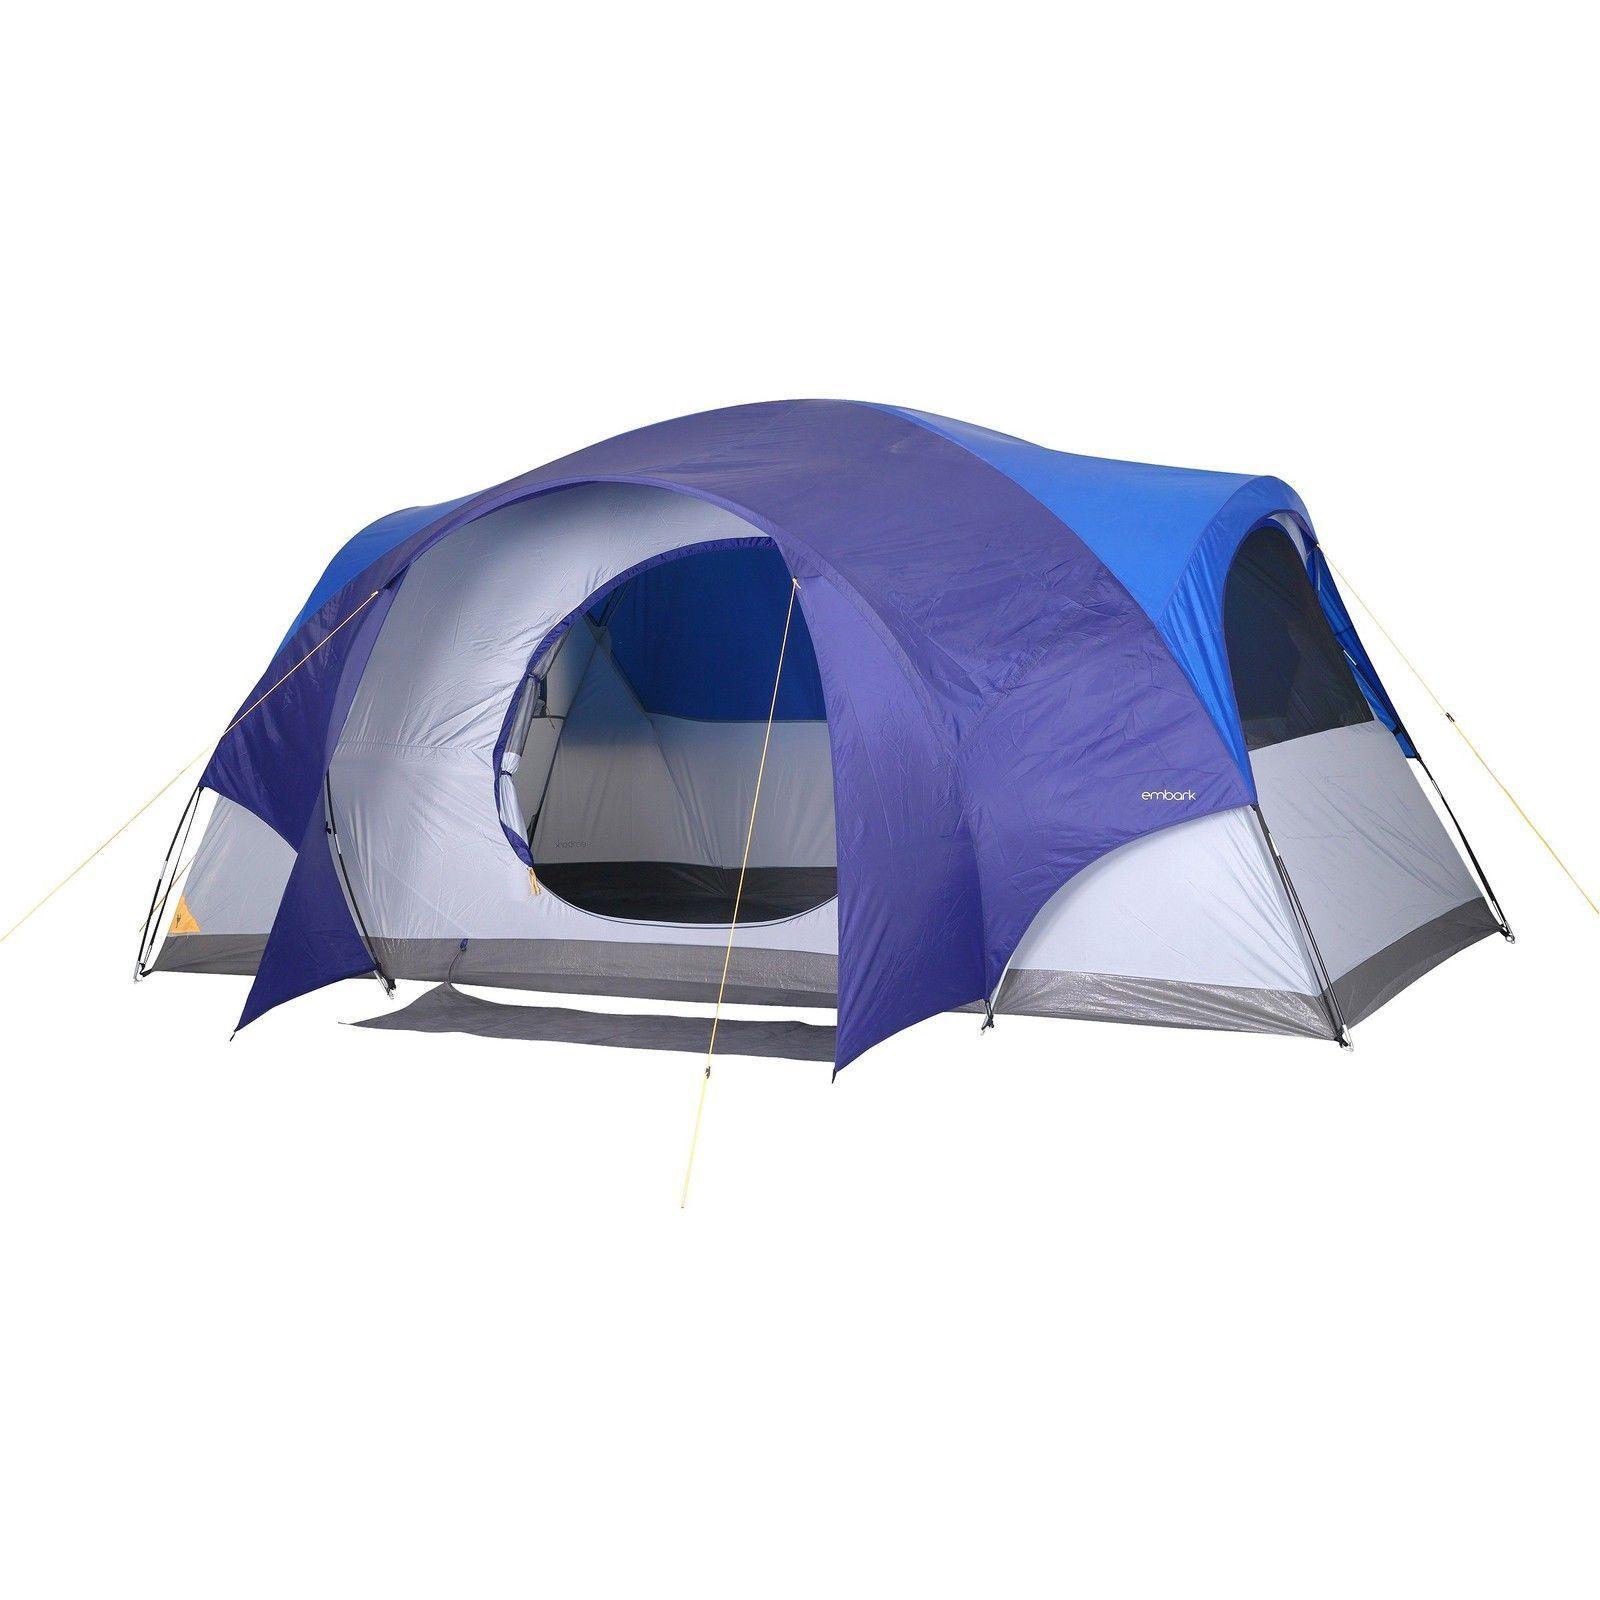 8 personne instantanée tente camping & Randonnée abri 14' X 8' X 6.8' embarquer  NOUVEAU